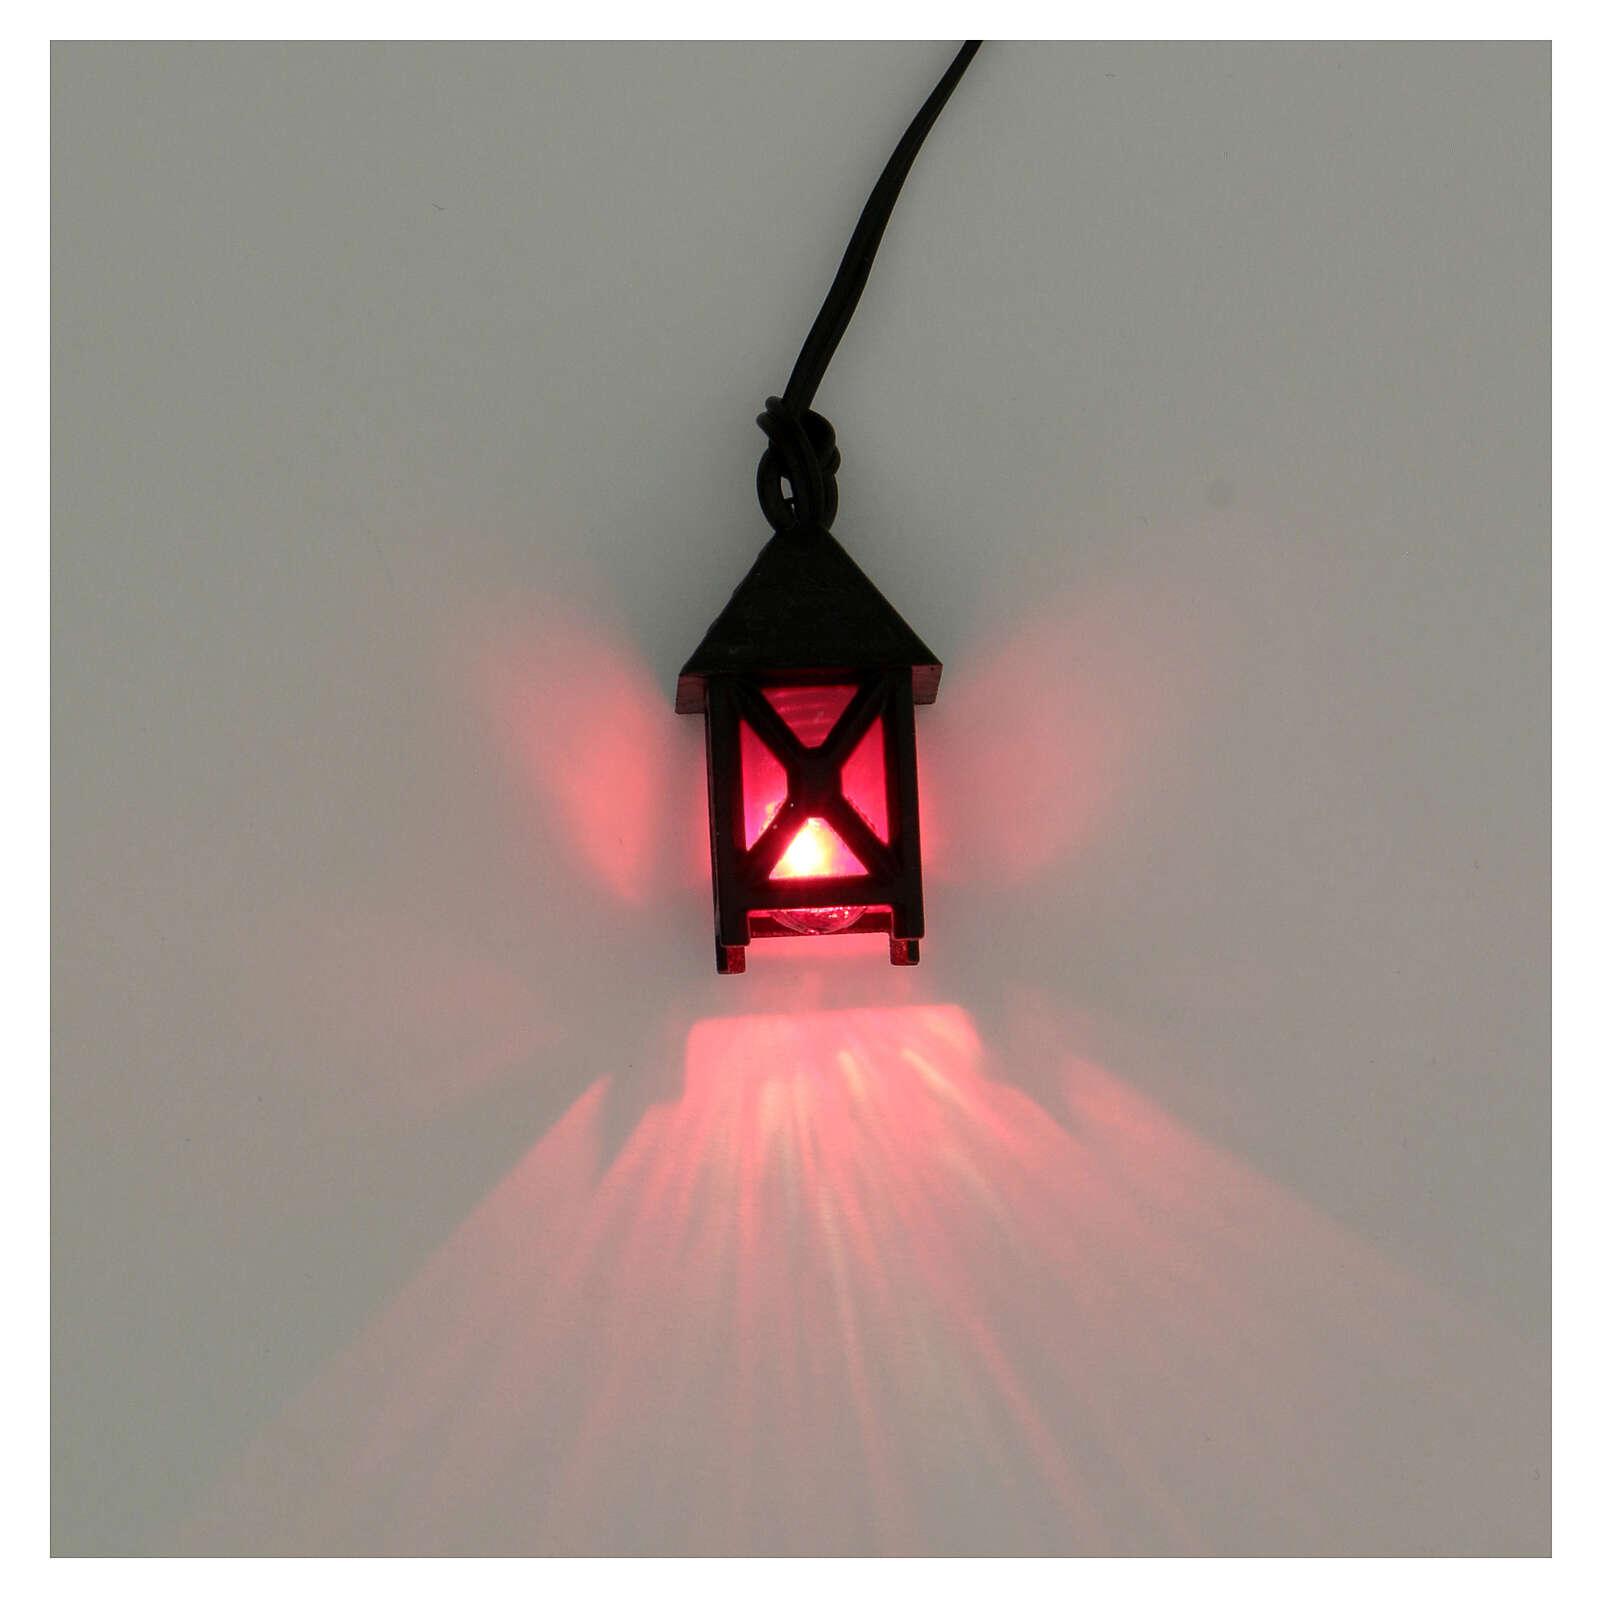 Linterna luz roja belén hecho con bricolaje 8 cm 4